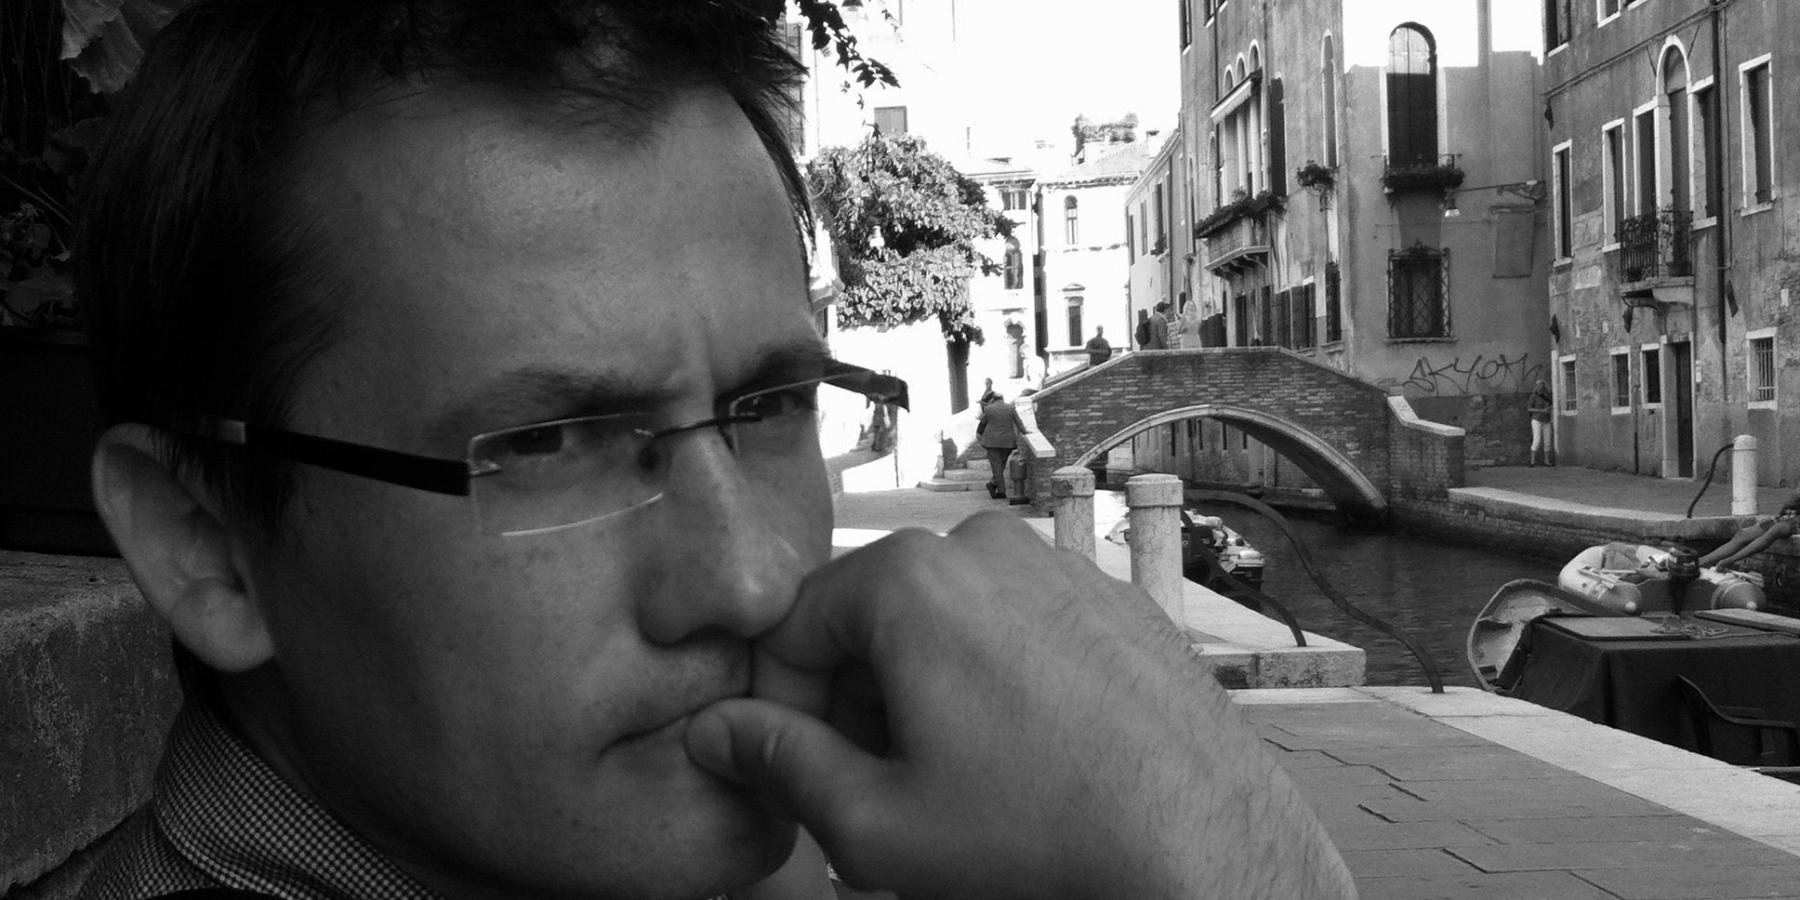 Wywiad zWaldemarem Sadowskim (BUY.BOX) – najwięksi gracze e-commerce zaczynają dostrzegać naszą efektywność!